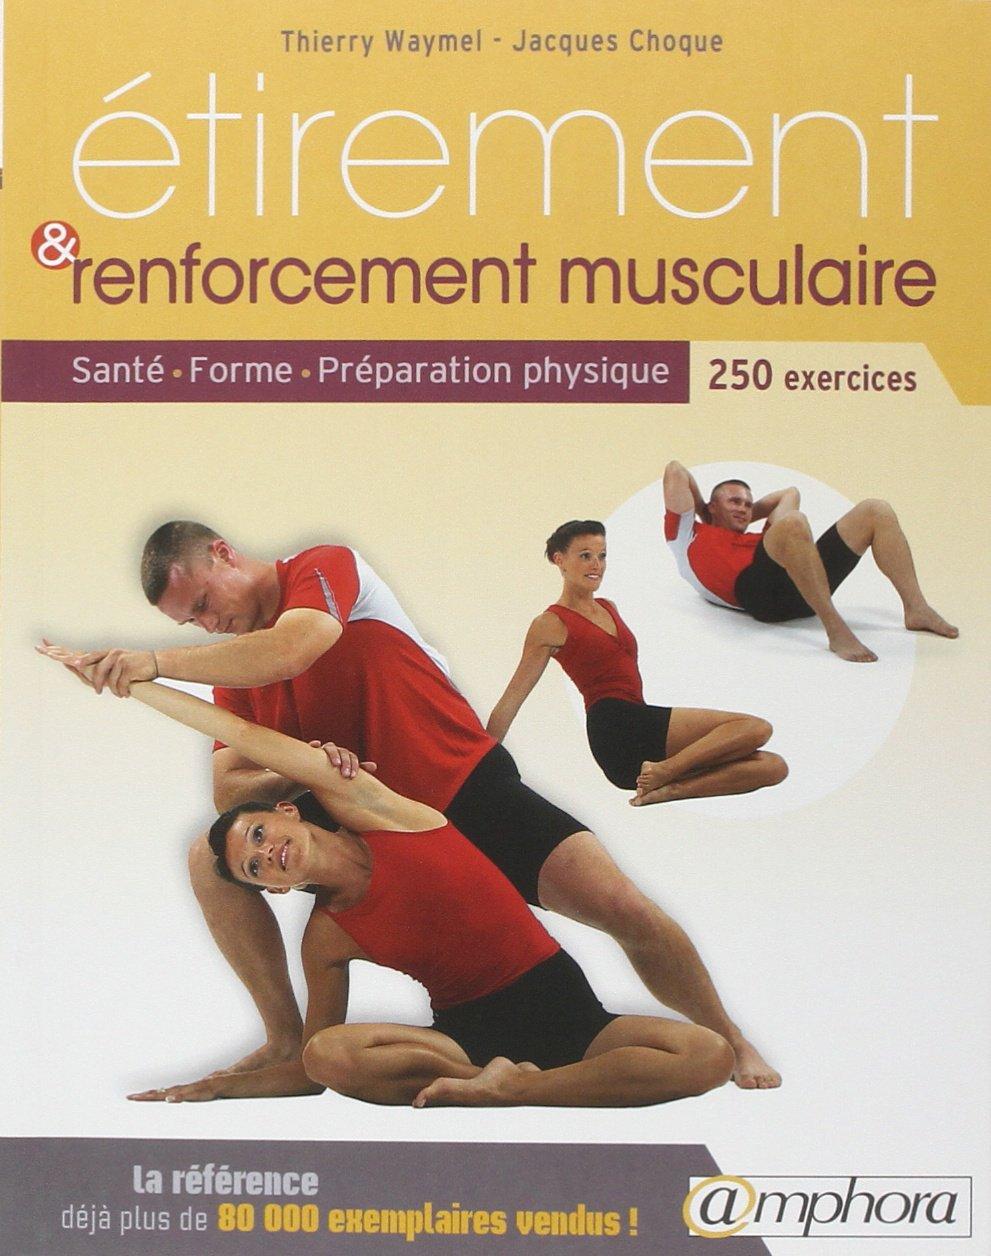 Etirement et renforcement musculaire - 250 exercices d'étirement et de renforce